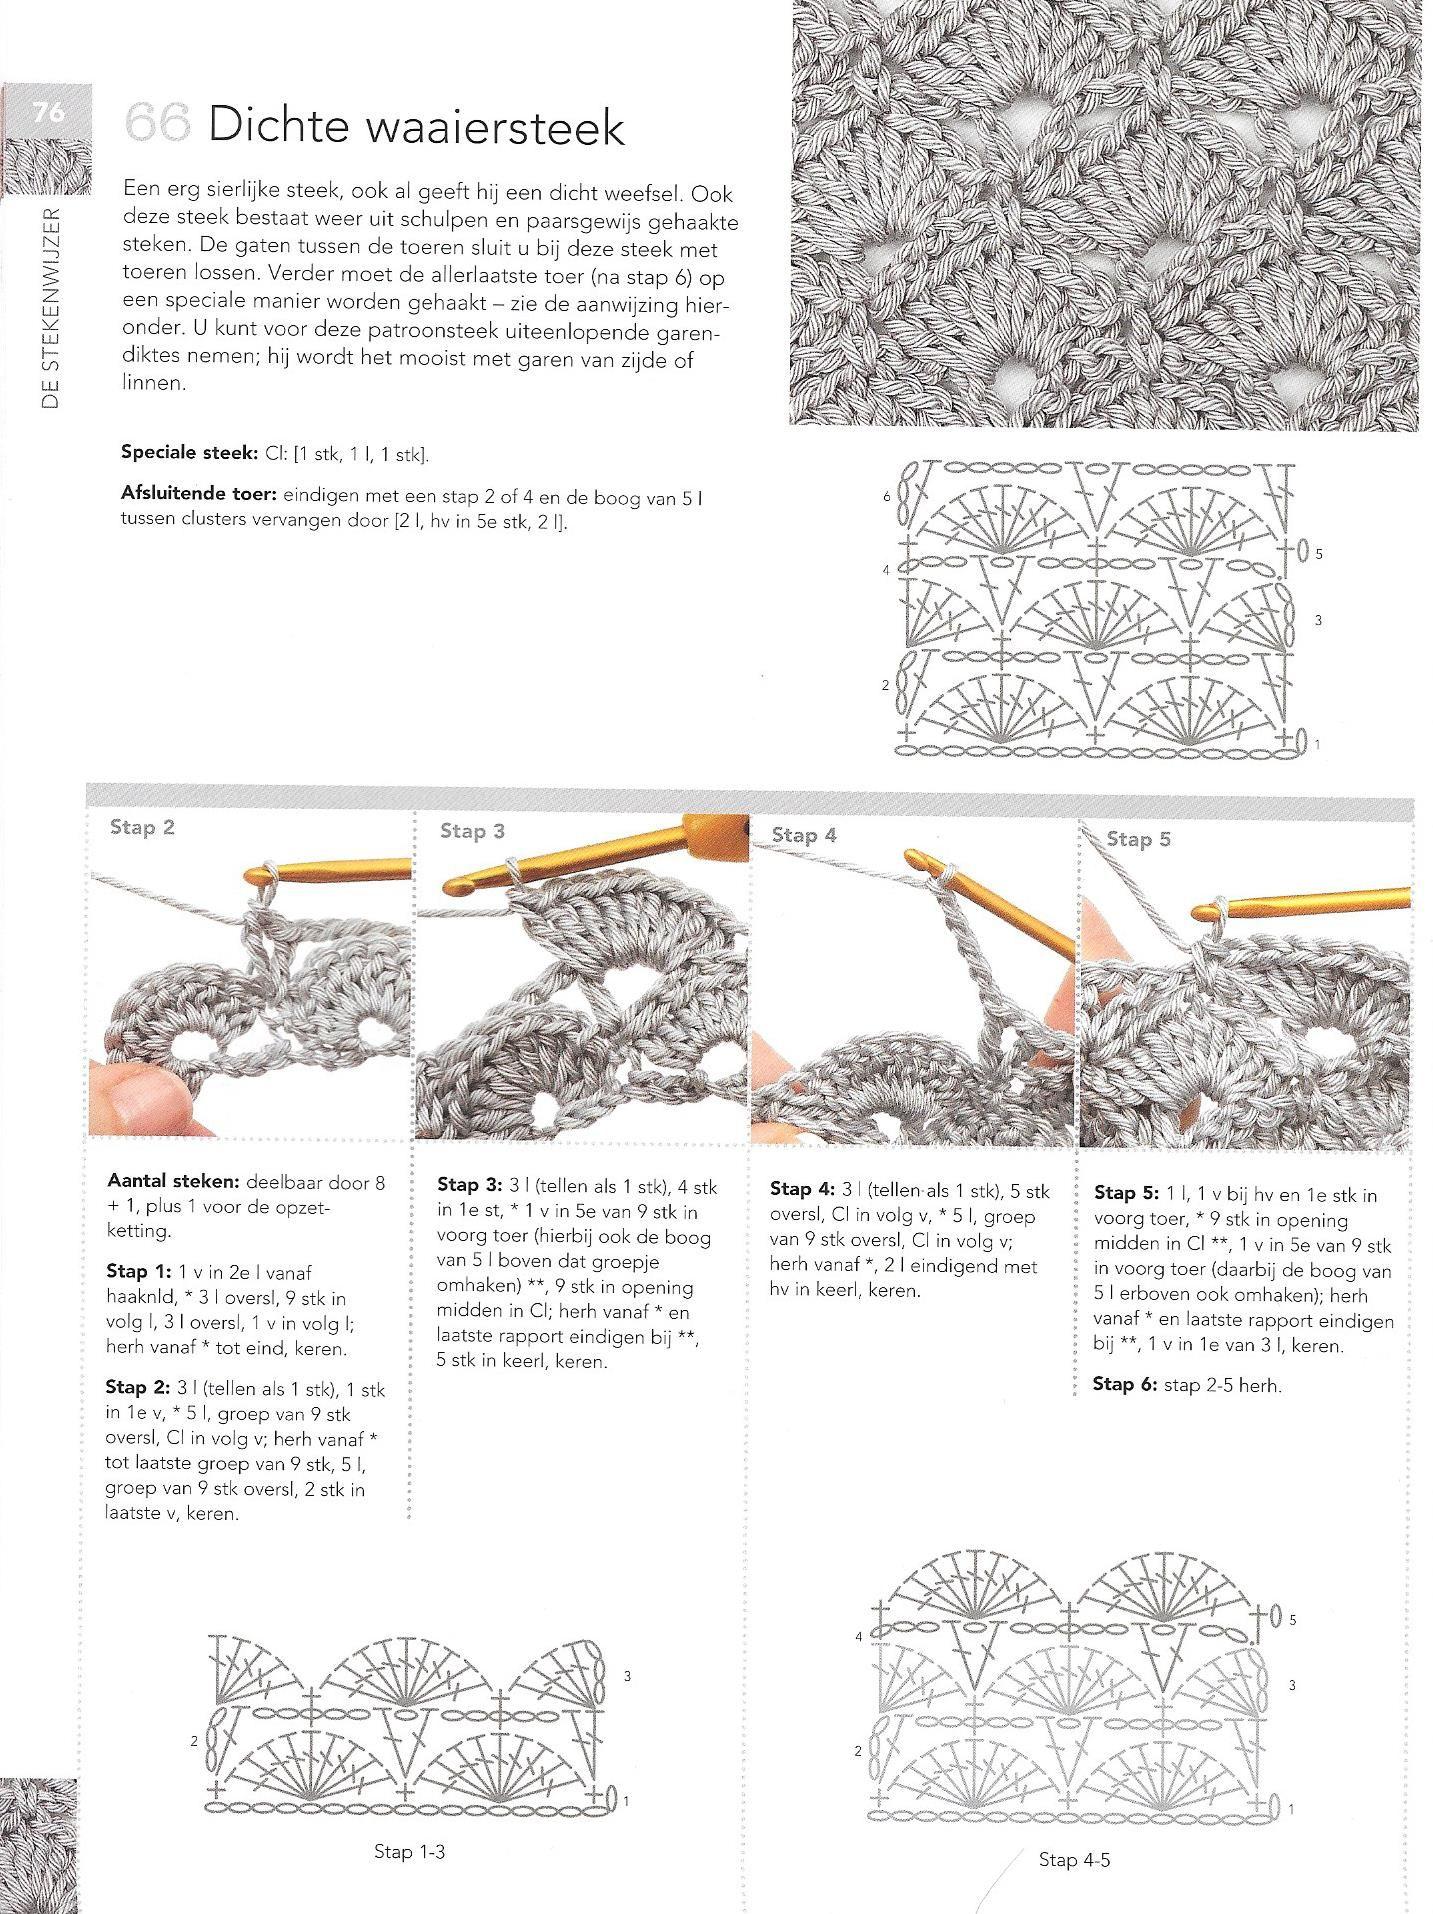 Dichte Waaiersteek Haakbijbel Haaksteken Haken Crochet Stitches